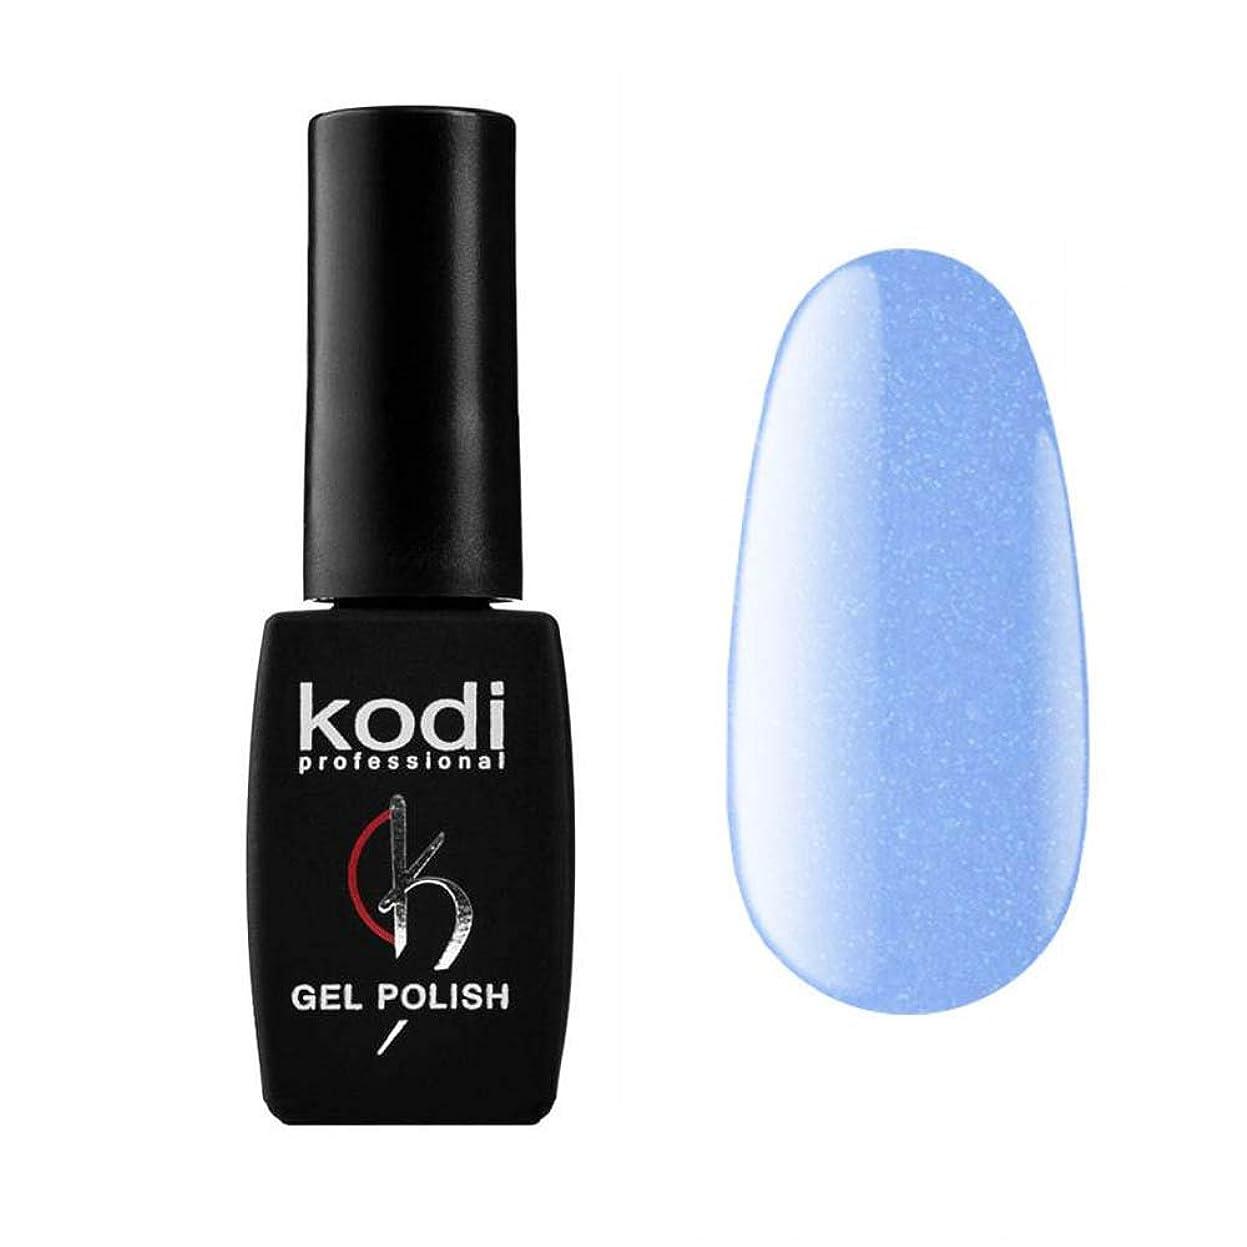 アフリカ人ロシア強要Kodi Professional New Collection B BLUE #140 Color Gel Nail Polish 12ml 0.42 Fl Oz LED UV Genuine Soak Off